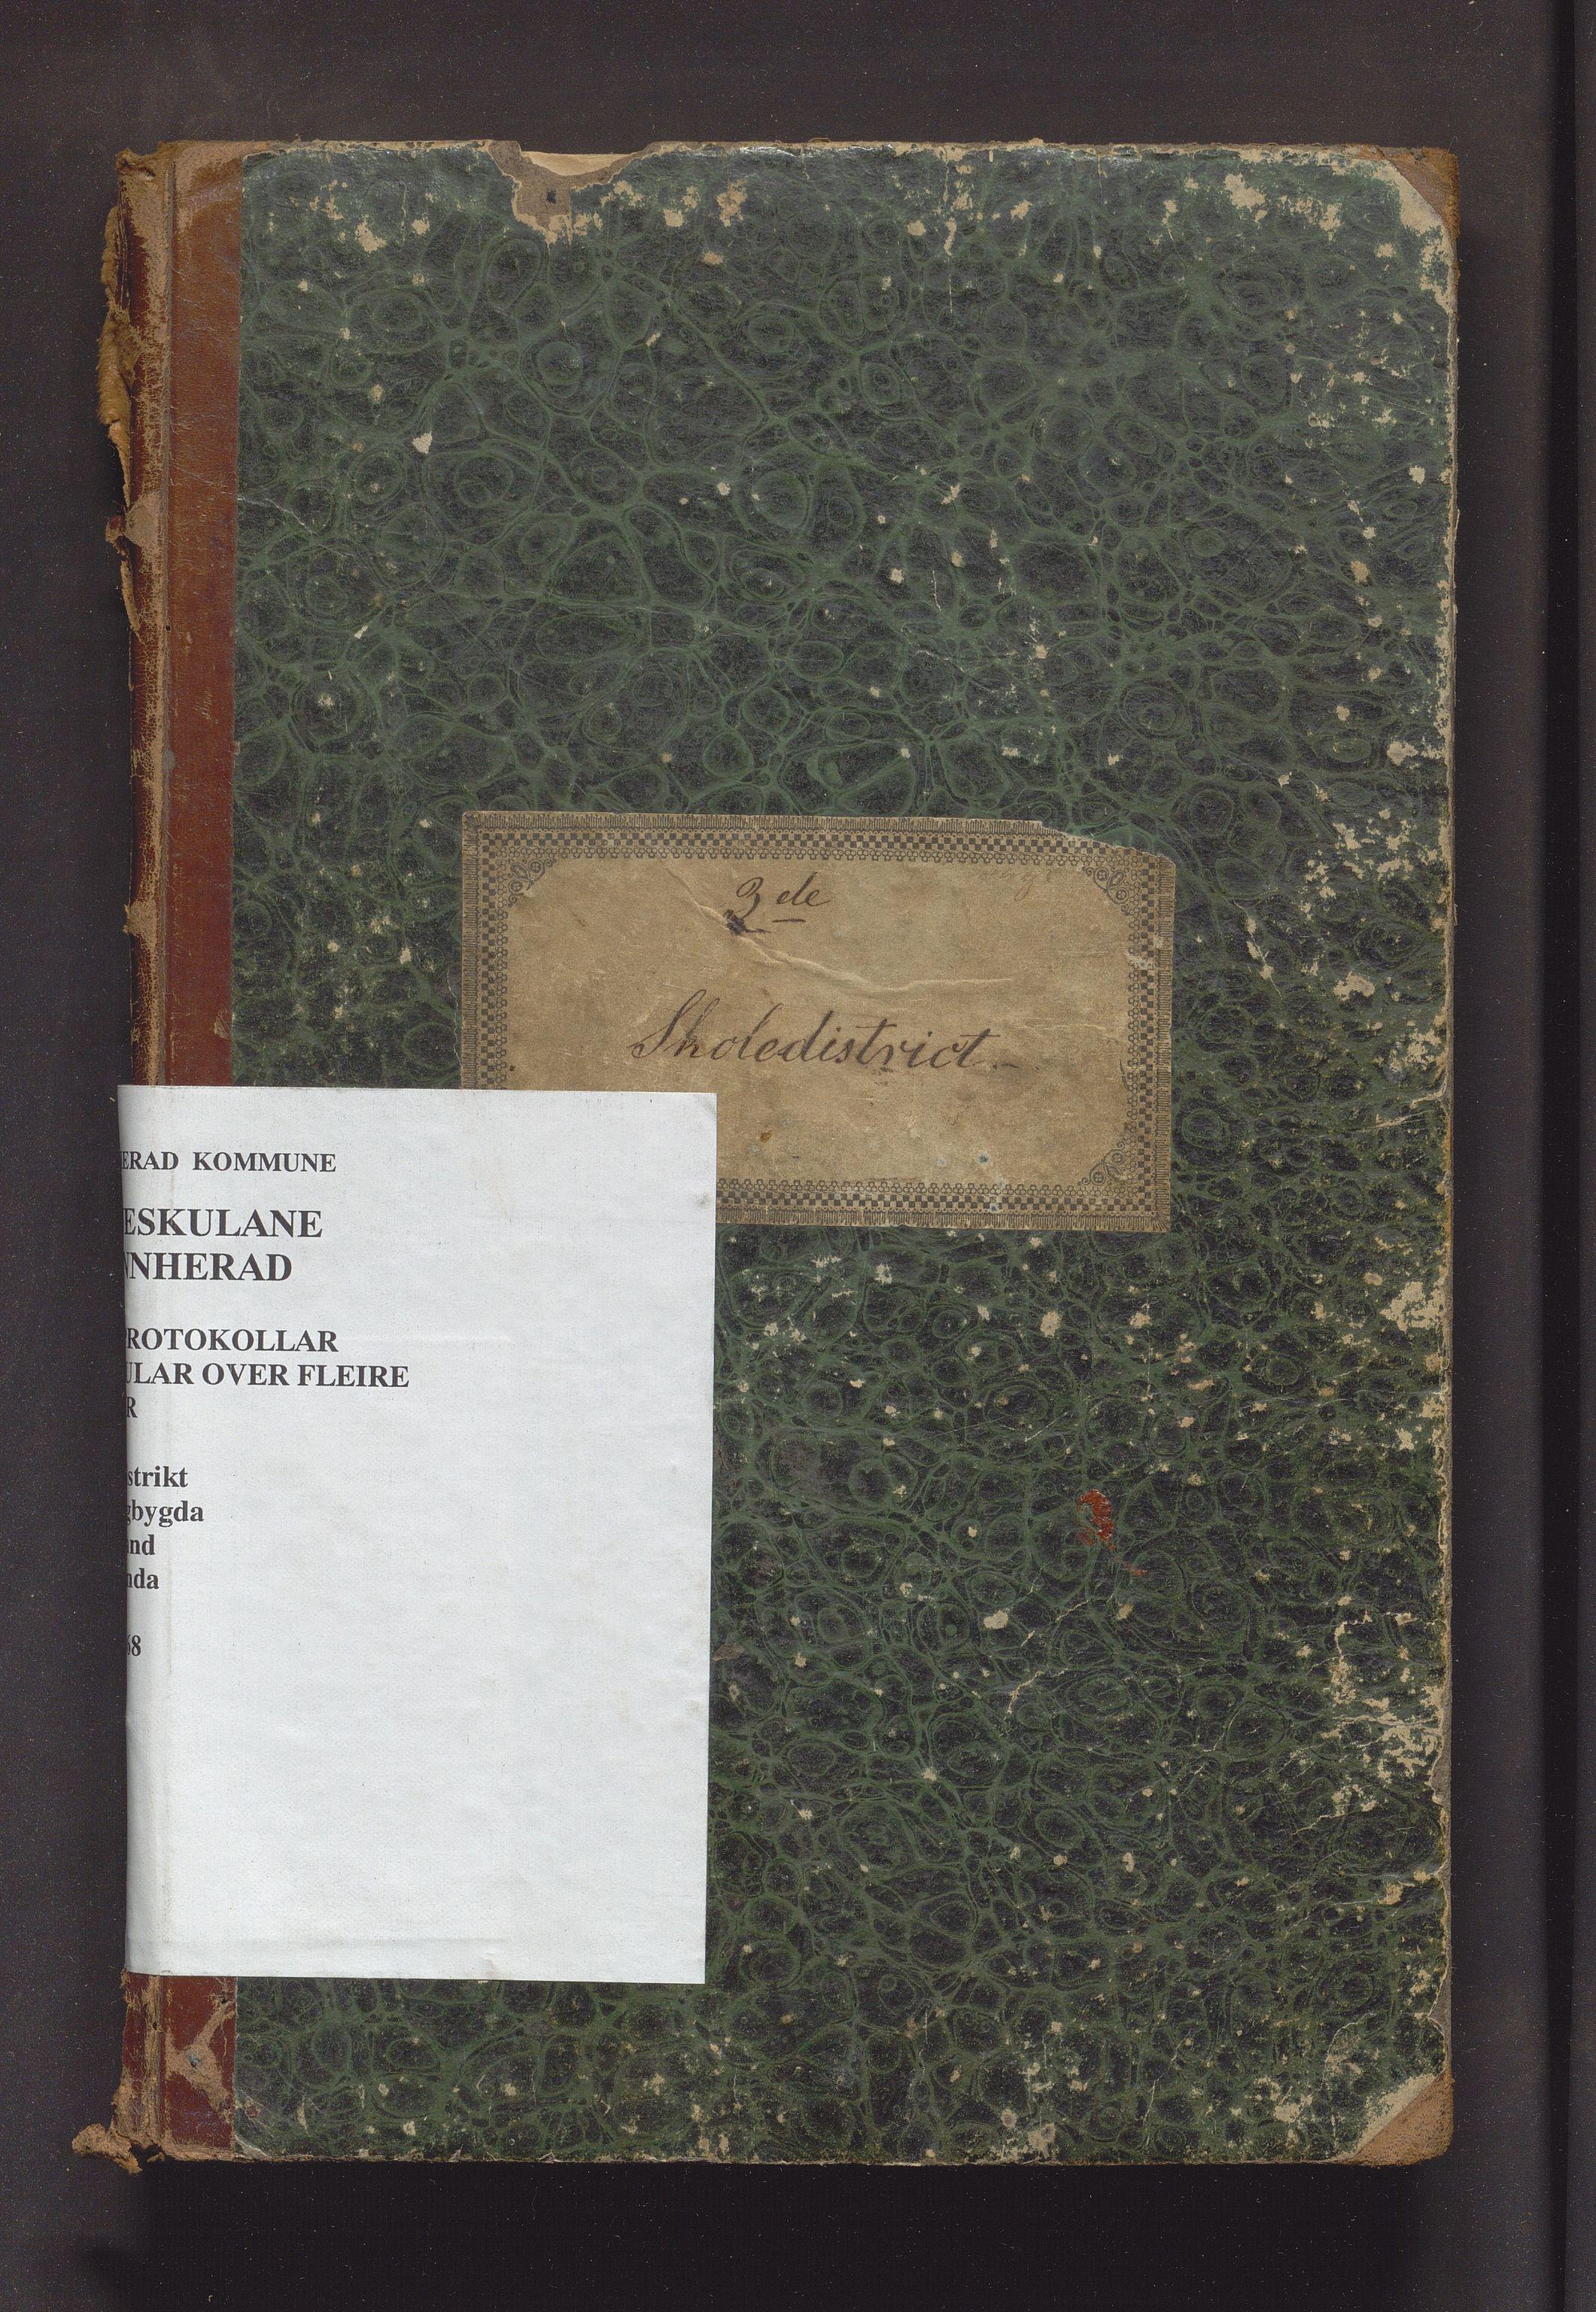 IKAH, Kvinnherad kommune. Barneskulane, F/Fa/L0001: Skuleprotokoll for omgangsskulen i 3 skuledistrikt , 1845-1868